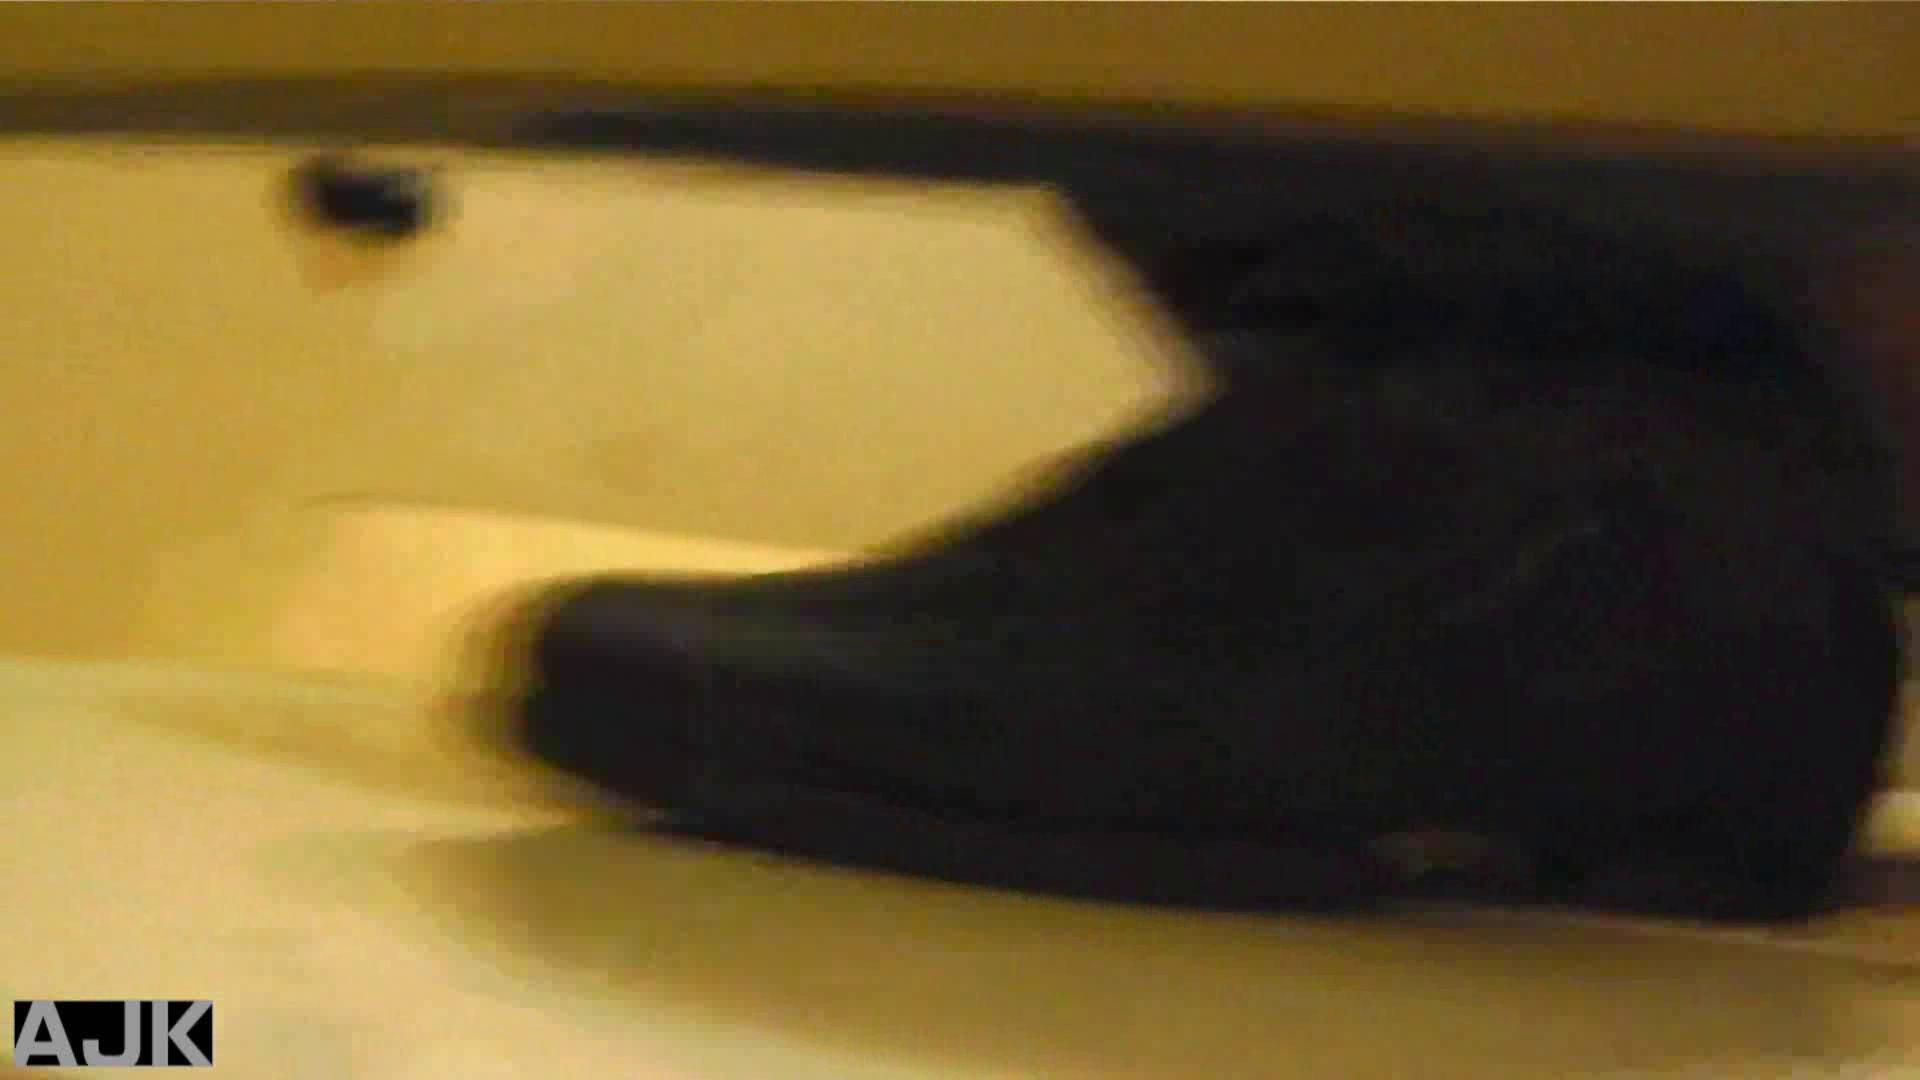 神降臨!史上最強の潜入かわや! vol.26 美女まとめ 戯れ無修正画像 103PIX 59